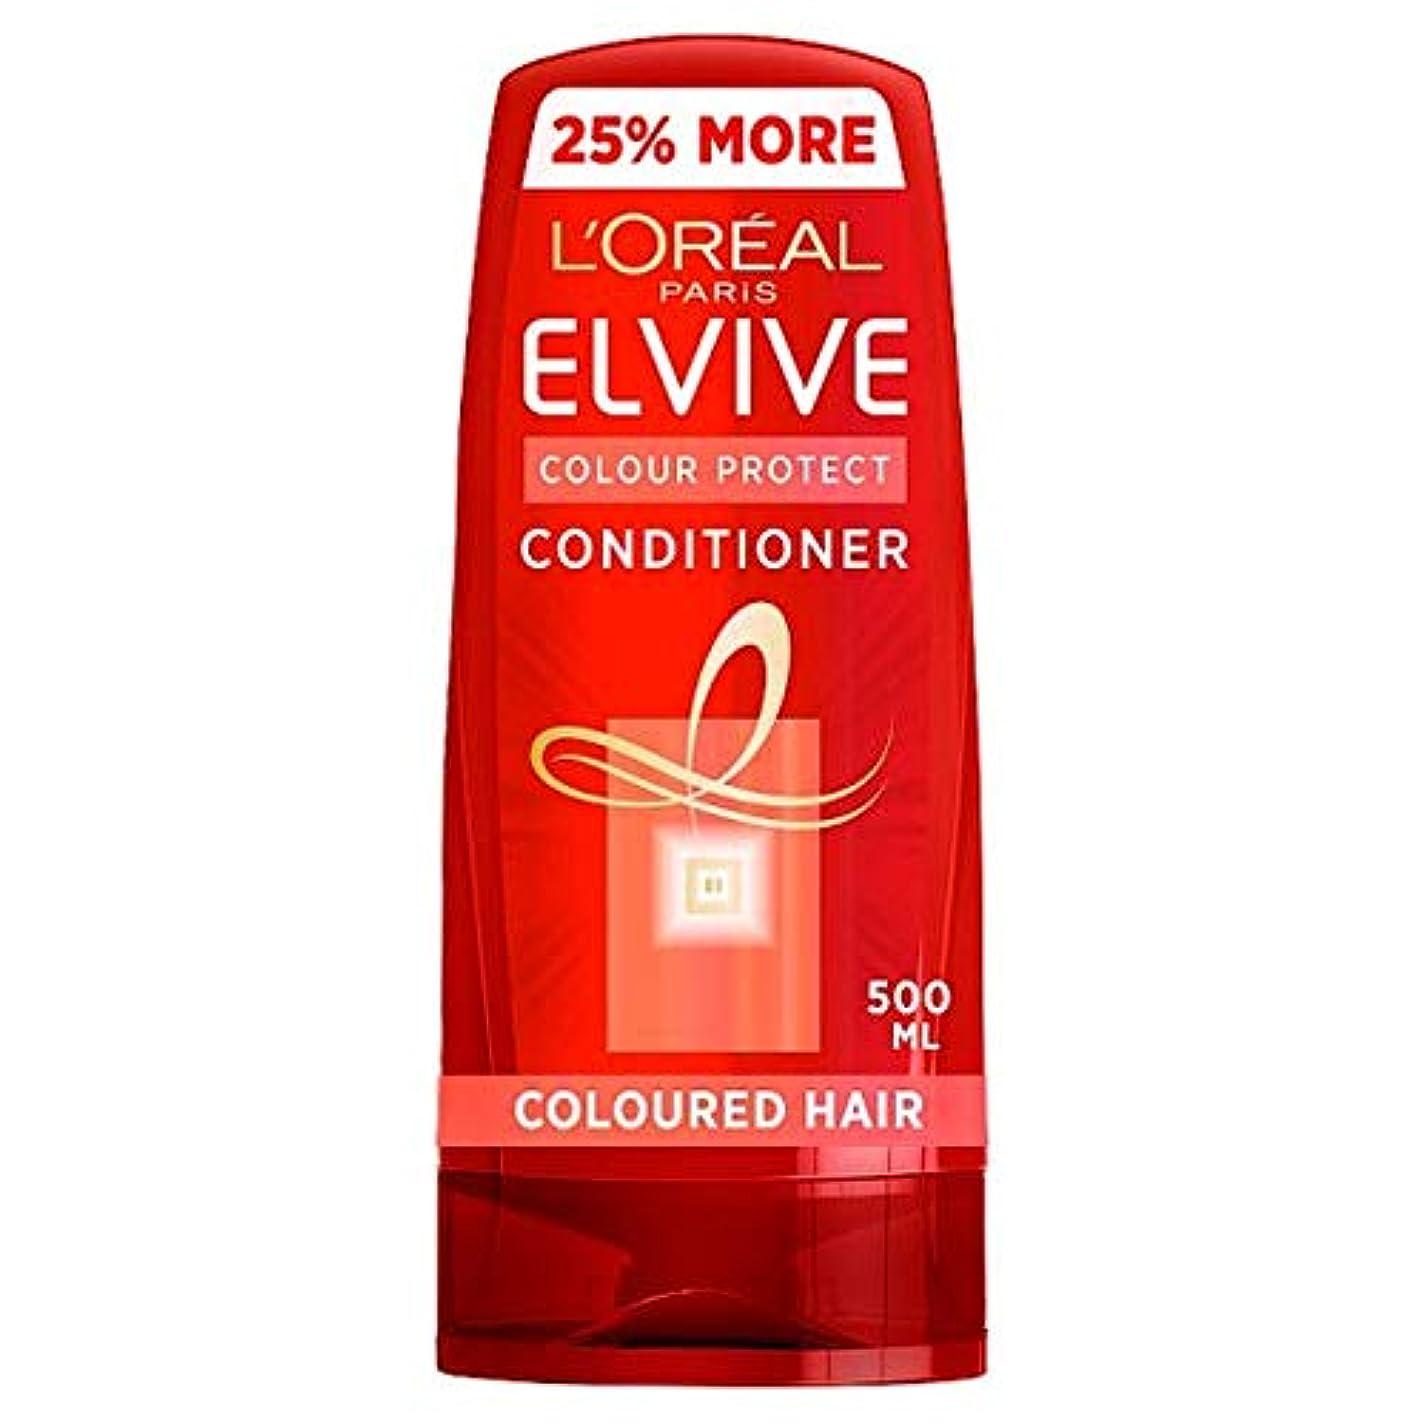 硬化する肘掛け椅子批判的に[Elvive] ロレアルのElviveの色は、着色ヘアコンディショナー500ミリリットルを保護します - L'oreal Elvive Colour Protect Coloured Hair Conditioner...